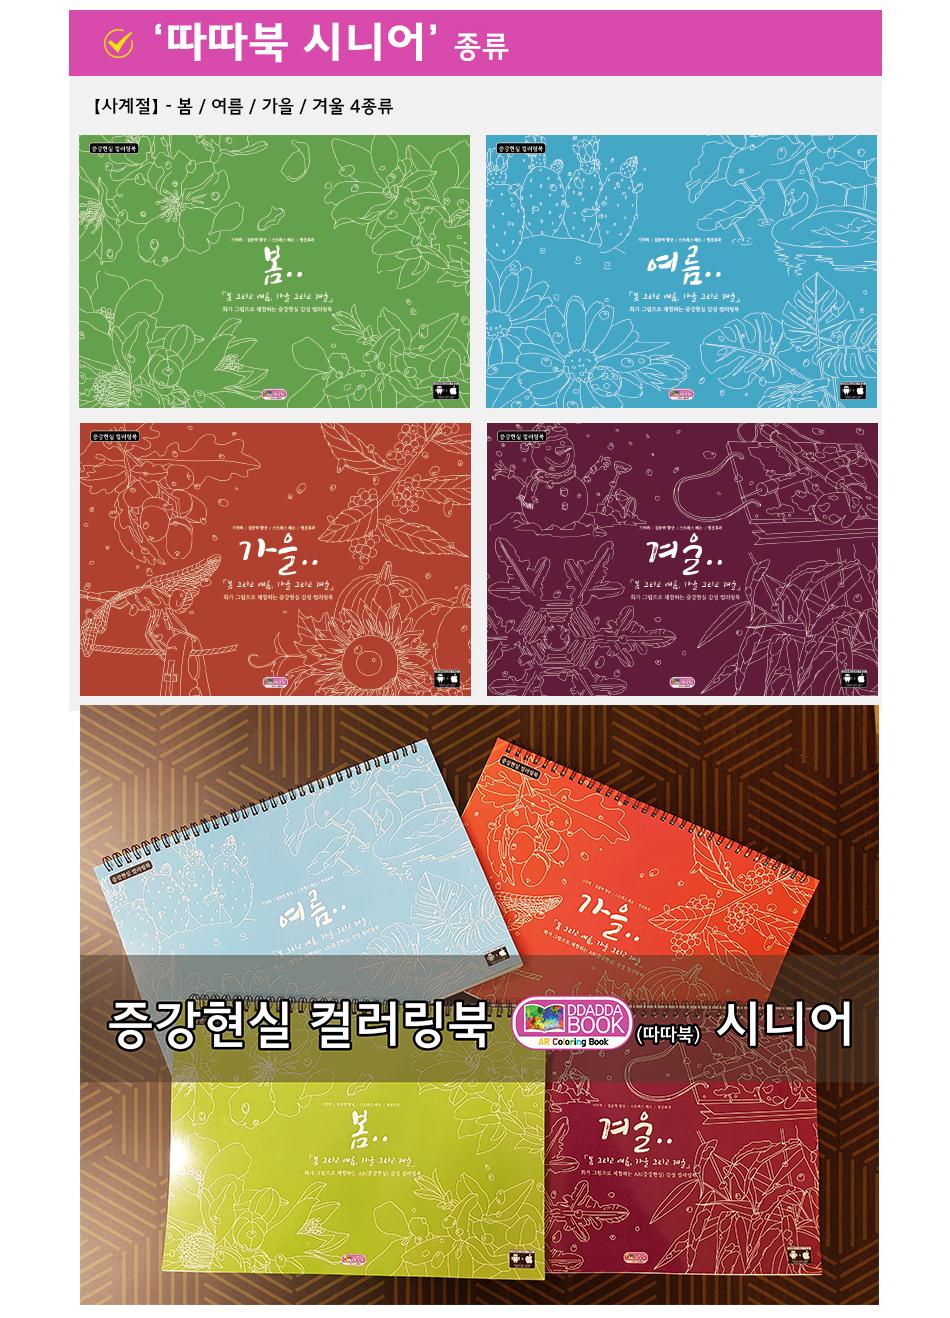 시니어 색칠북 겨울 AR증강현실 컬러링북 - 따따북, 15,000원, 화방지류, 스케치북